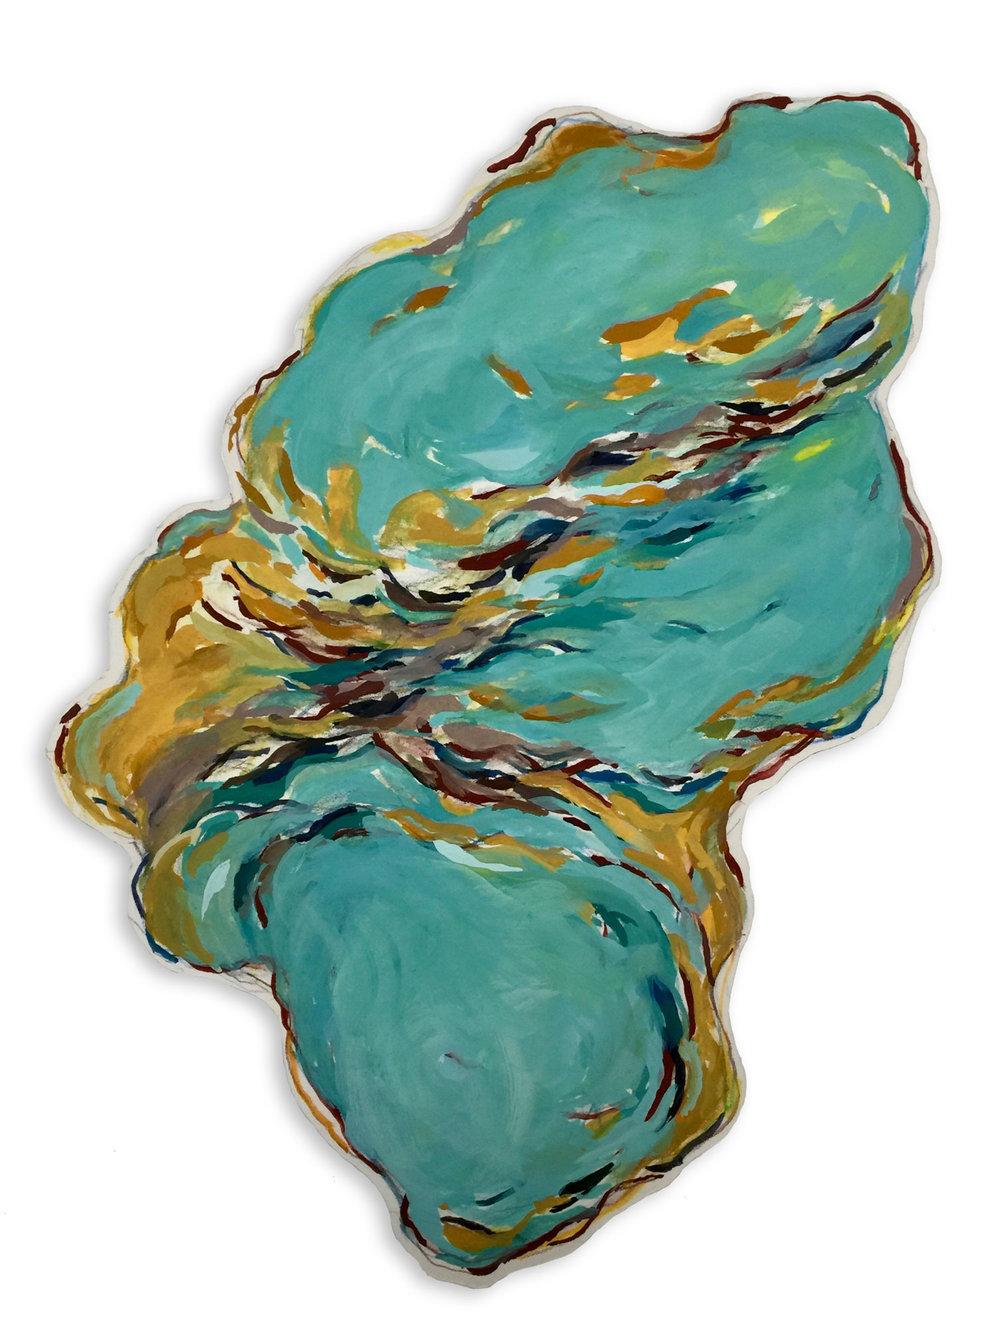 Untitled (Aquamarine)